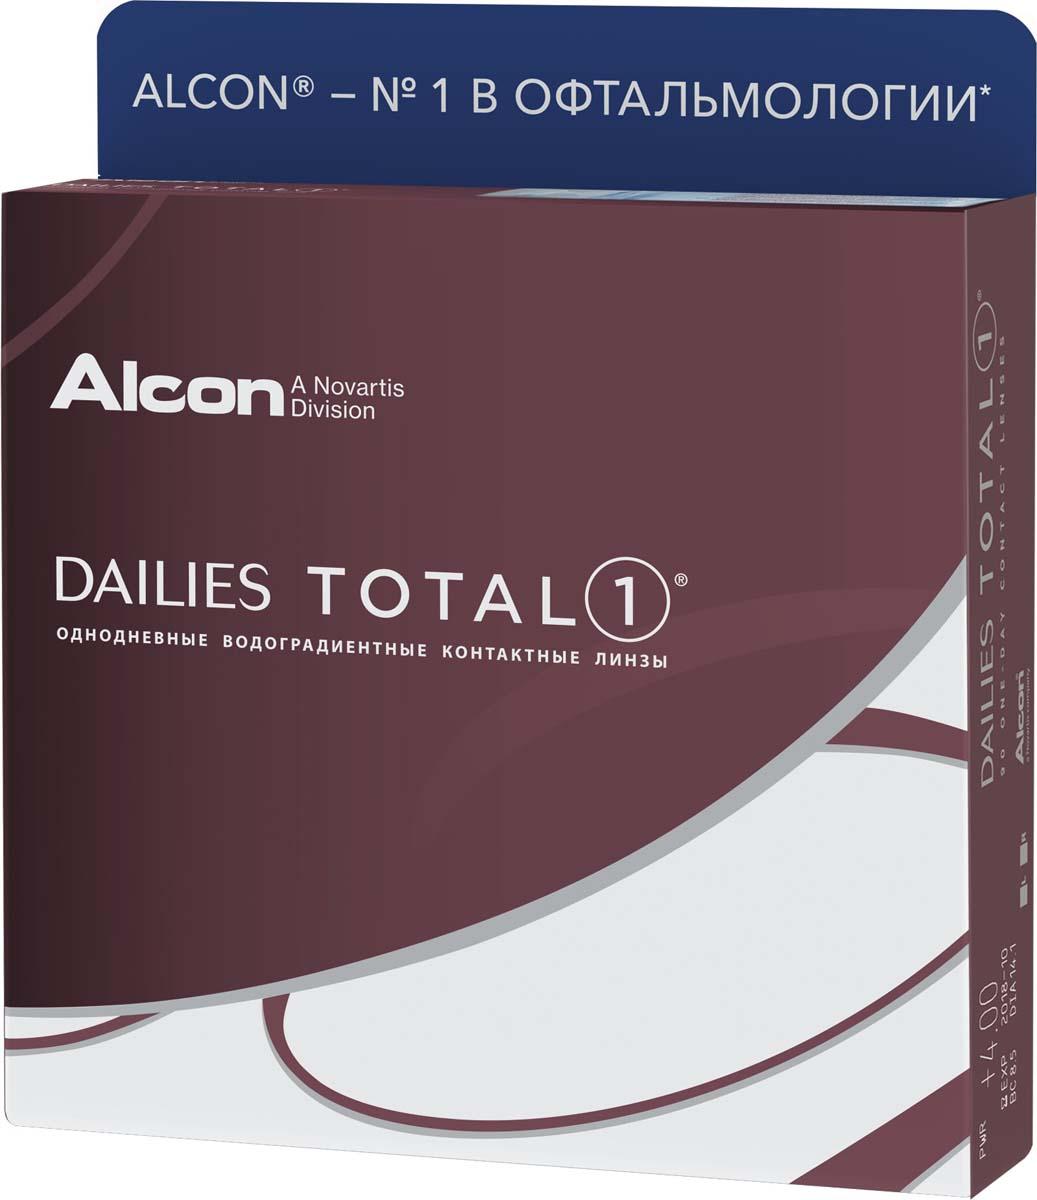 Аlcon Контактные линзы Dailies Total 90 шт /-3.00 /8.5 /14.1